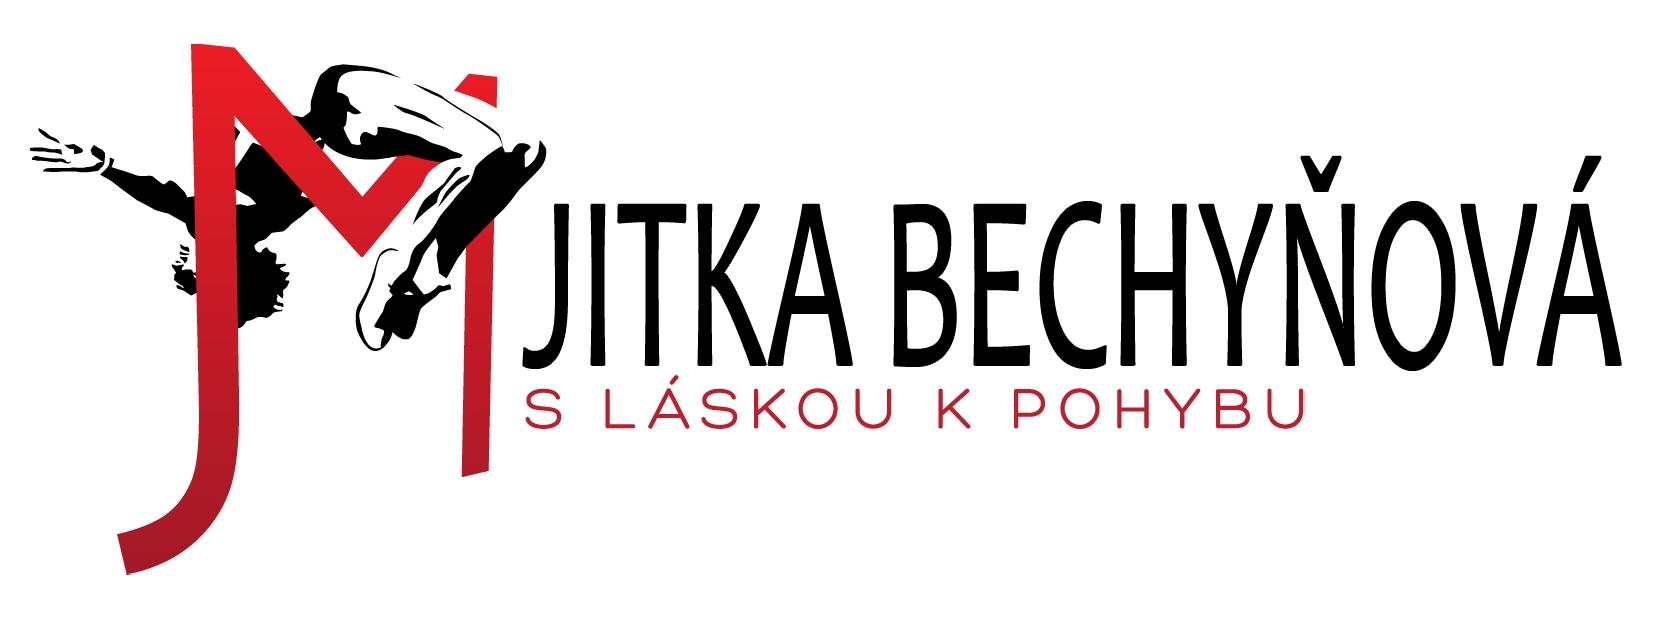 Jitka Bechyňová – osobní trenérka – plzentrener.cz